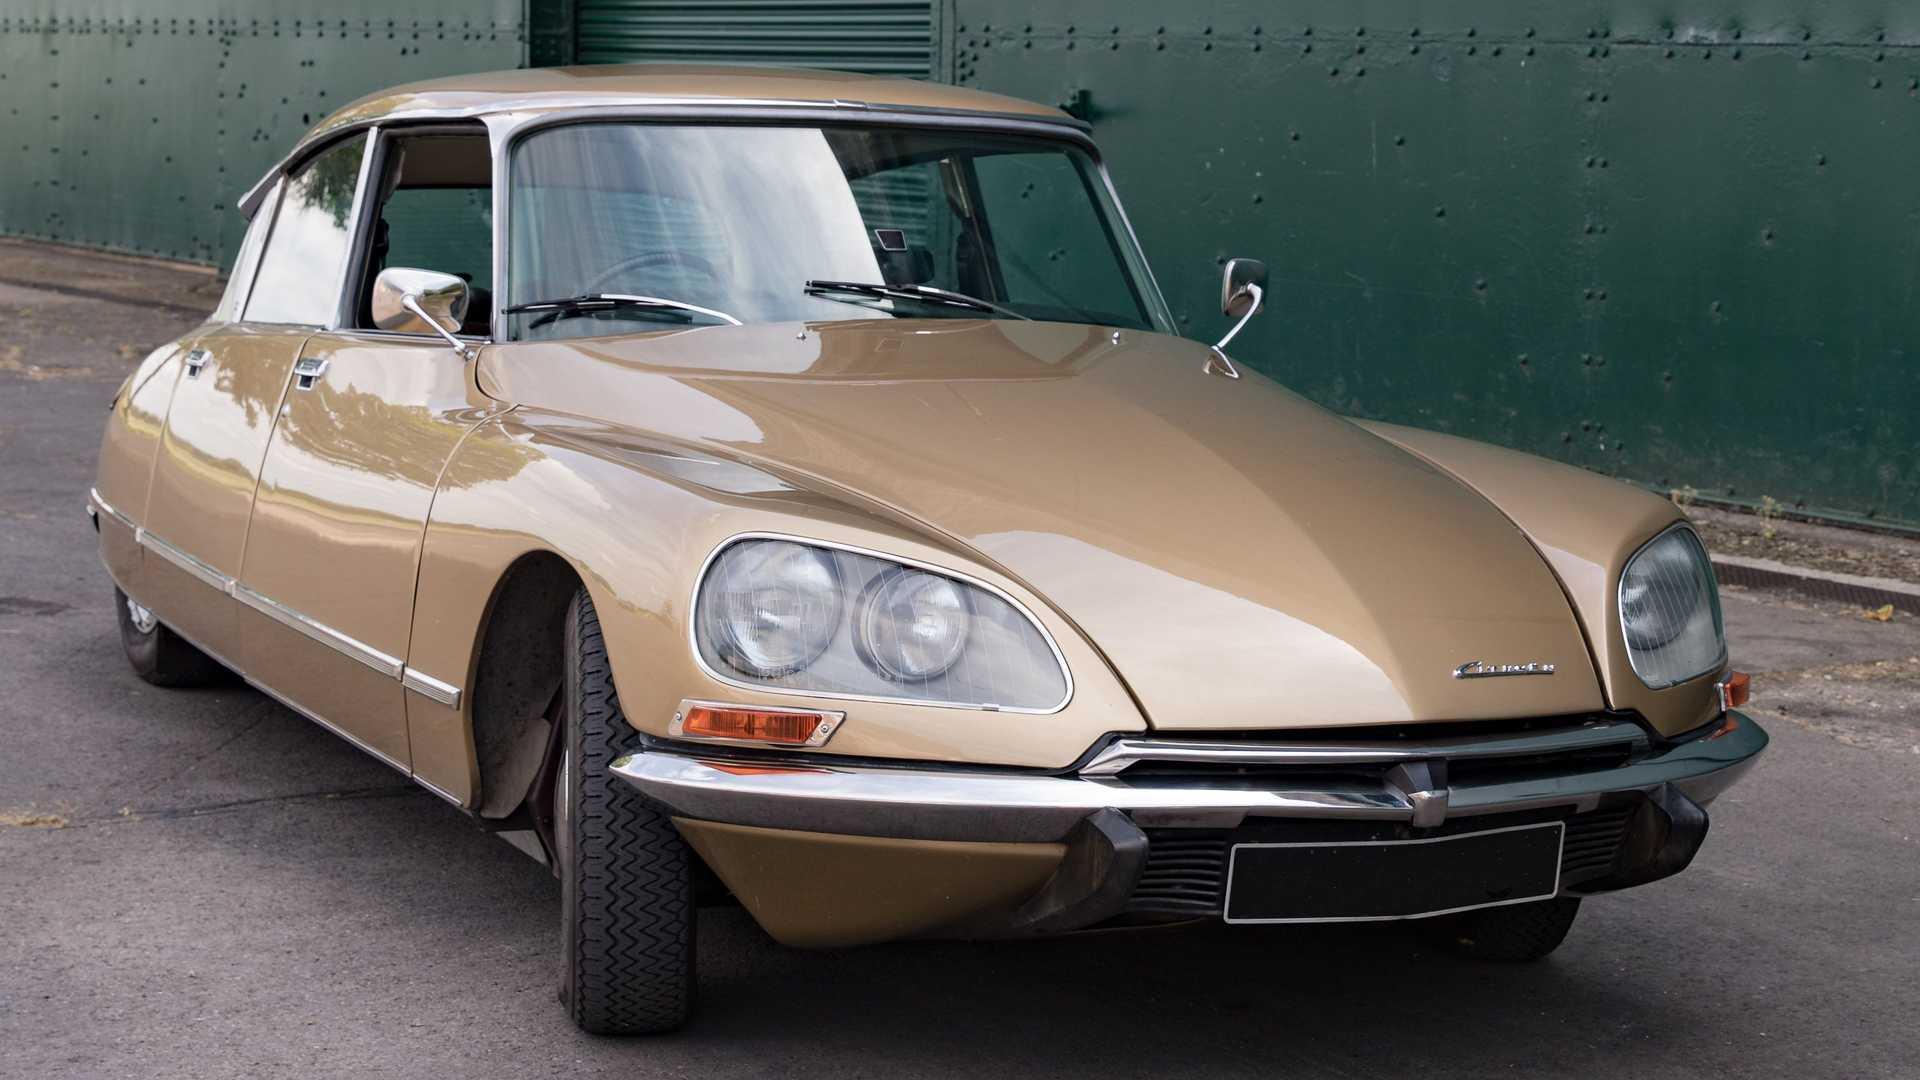 Даже 66 с лишним лет после выхода в свет «четырехдверка» Citroen DS остаётся одним из самых уникальных и запоминаемых серийных автомобилей в истории. Неудивительно, что Electrogenic решила подарить ей вторую жизнь.